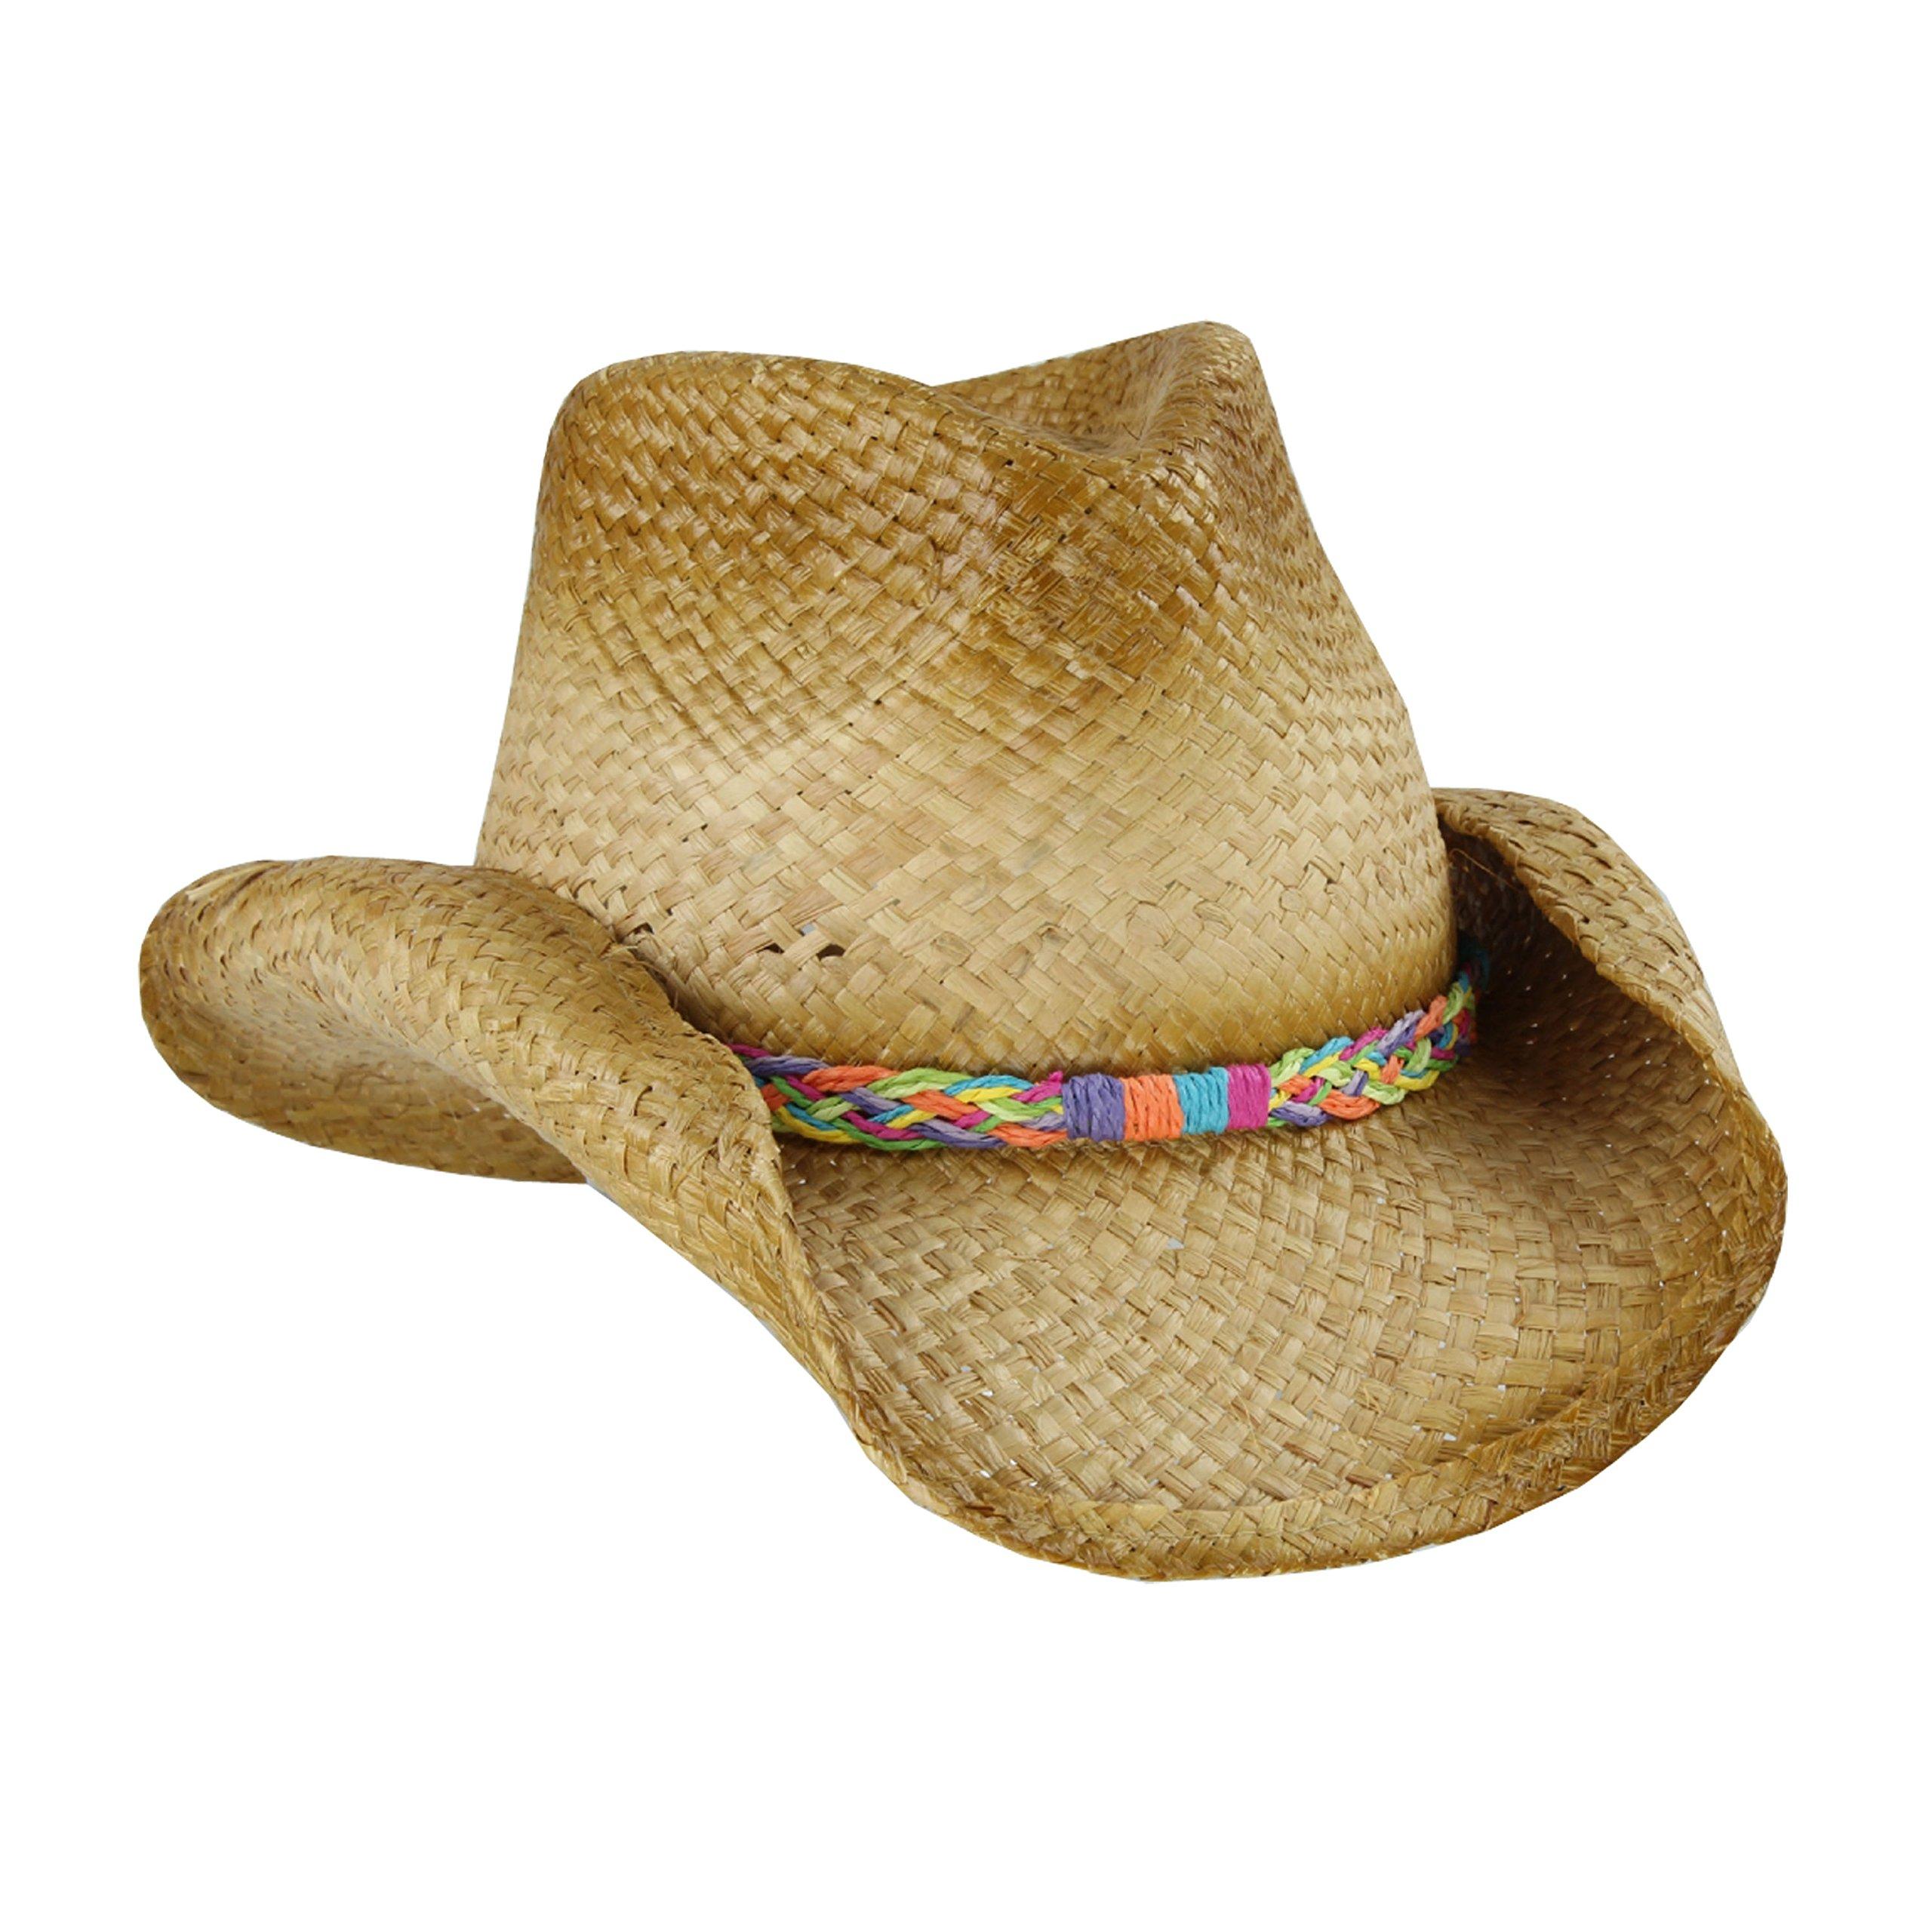 Straw Cowboy Sun Hat, Rainbow Braided Trim, Shapeable Brim, UPF 50 UV Block